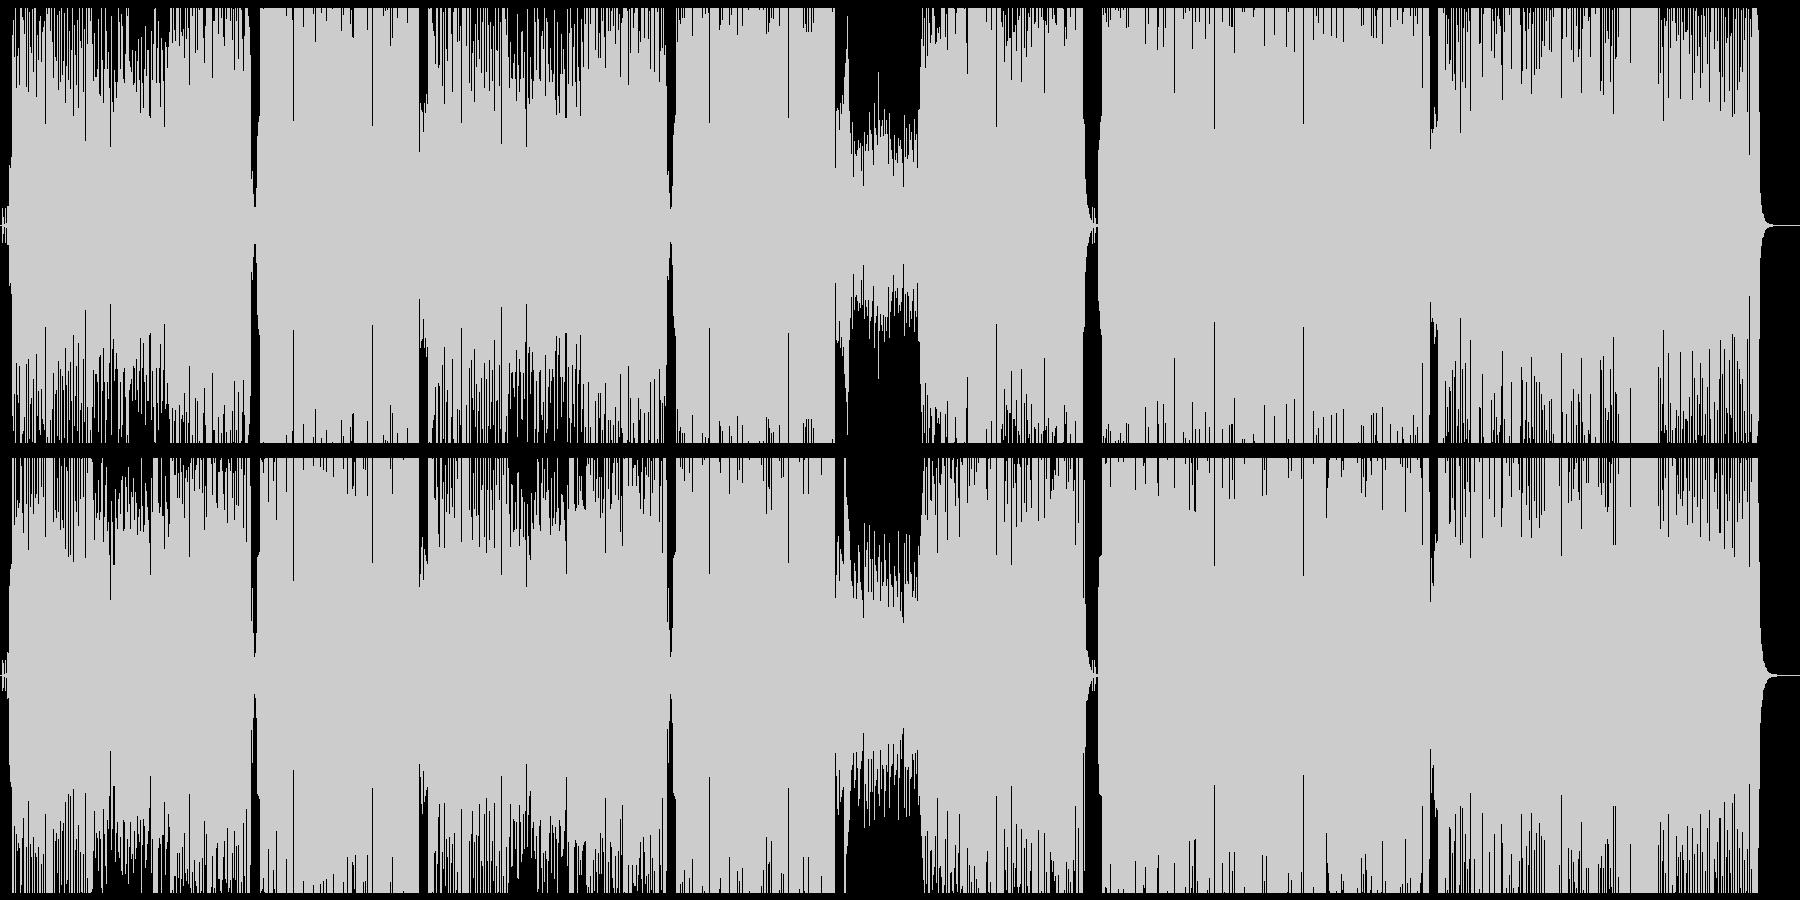 ビッグバンドジャズ/フルート/ピアノの未再生の波形